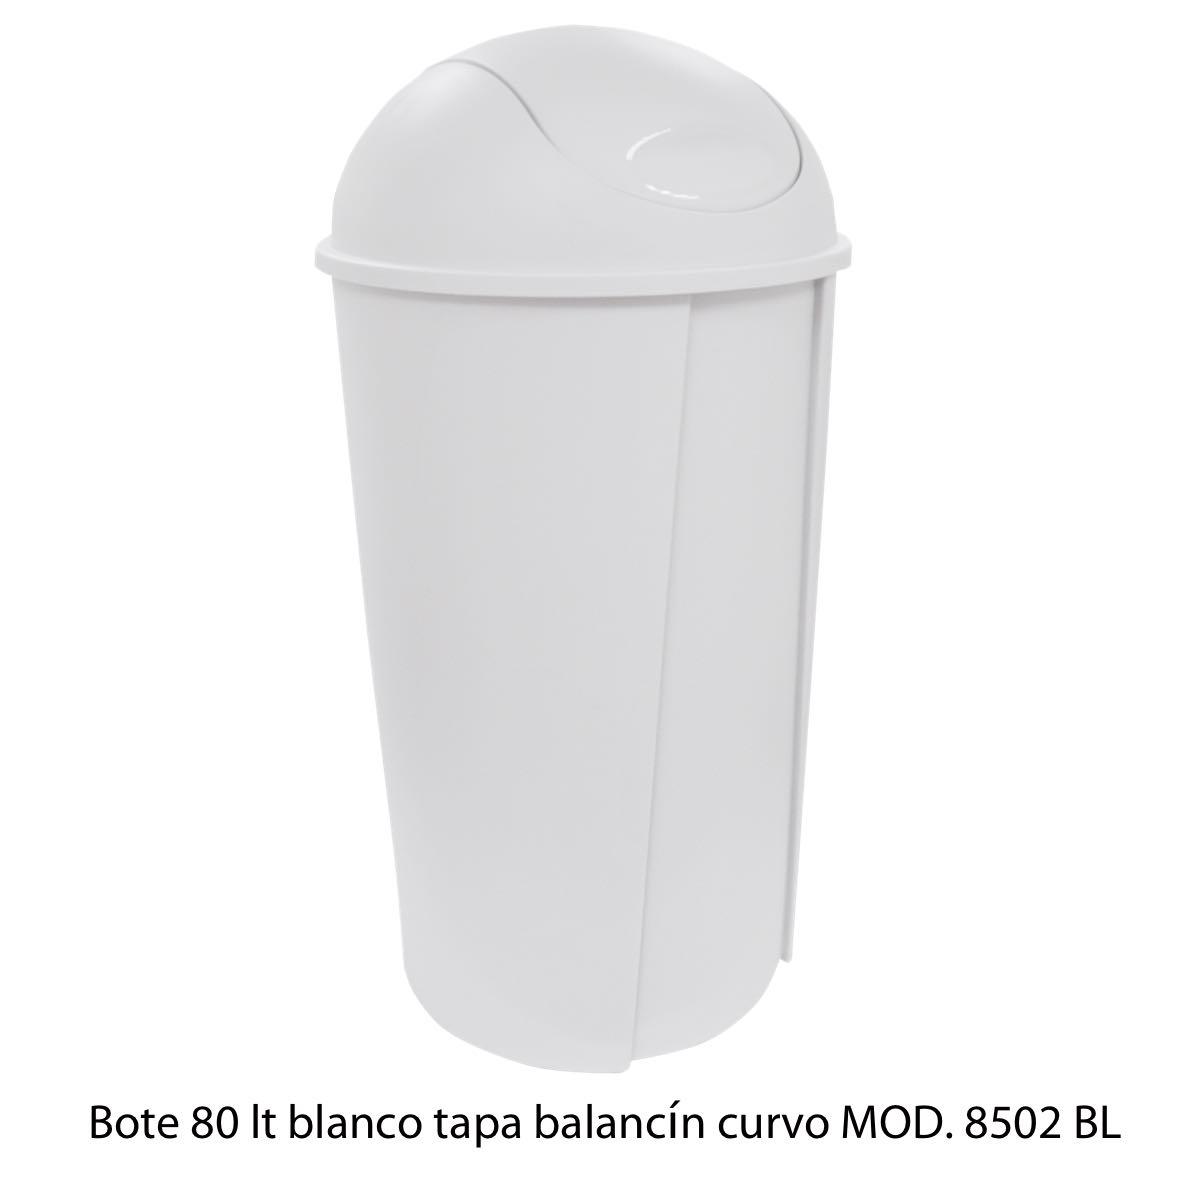 Bote de bausra de 80 litros con tapa balancín curvo color blanco modelo 8502 BL Sablón